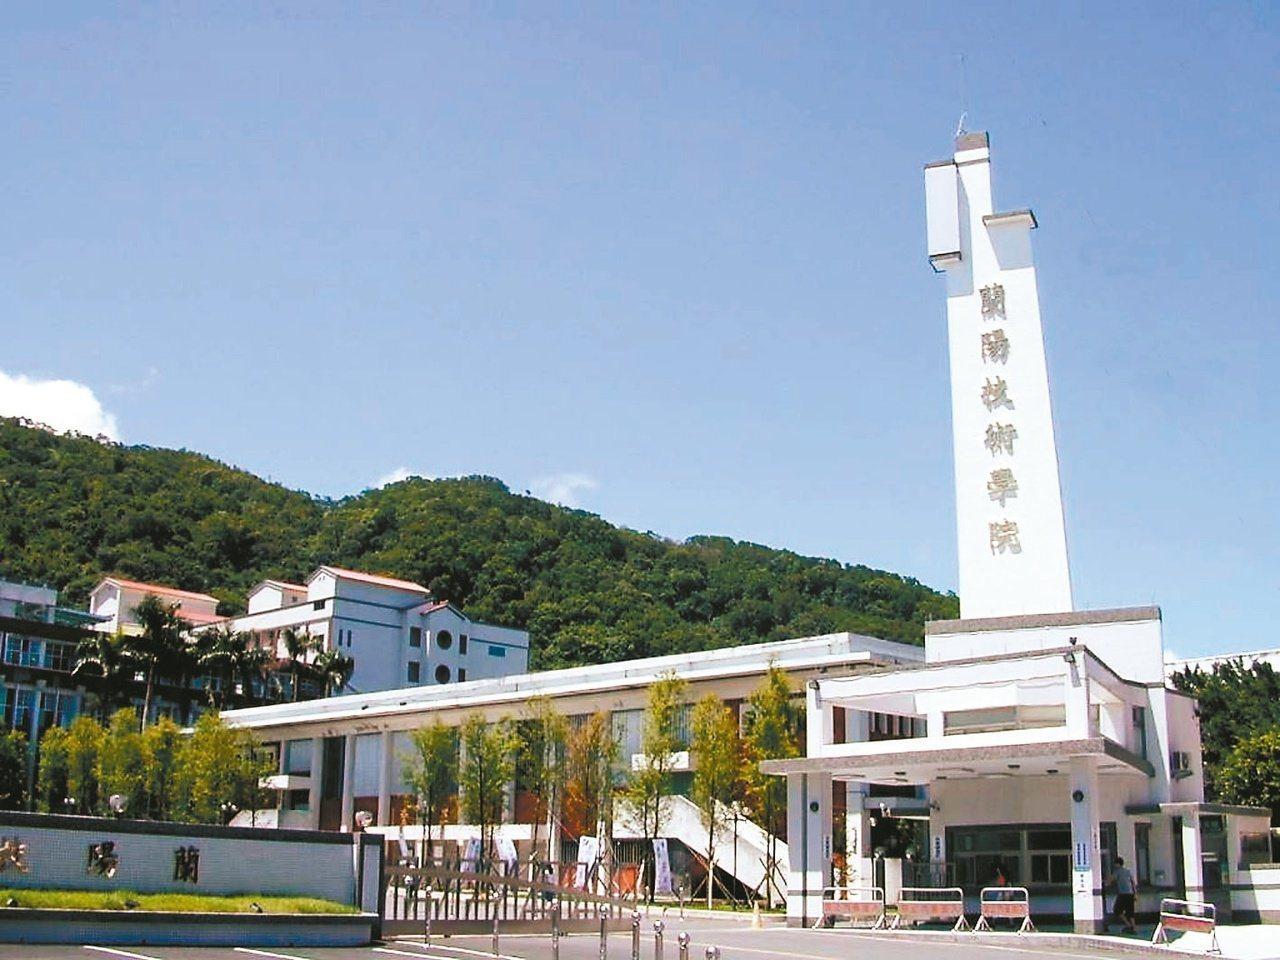 宜蘭縣私立蘭陽技術學院昨天發出聲明,從108學年度起,停招6個科系,只剩餐旅管理...